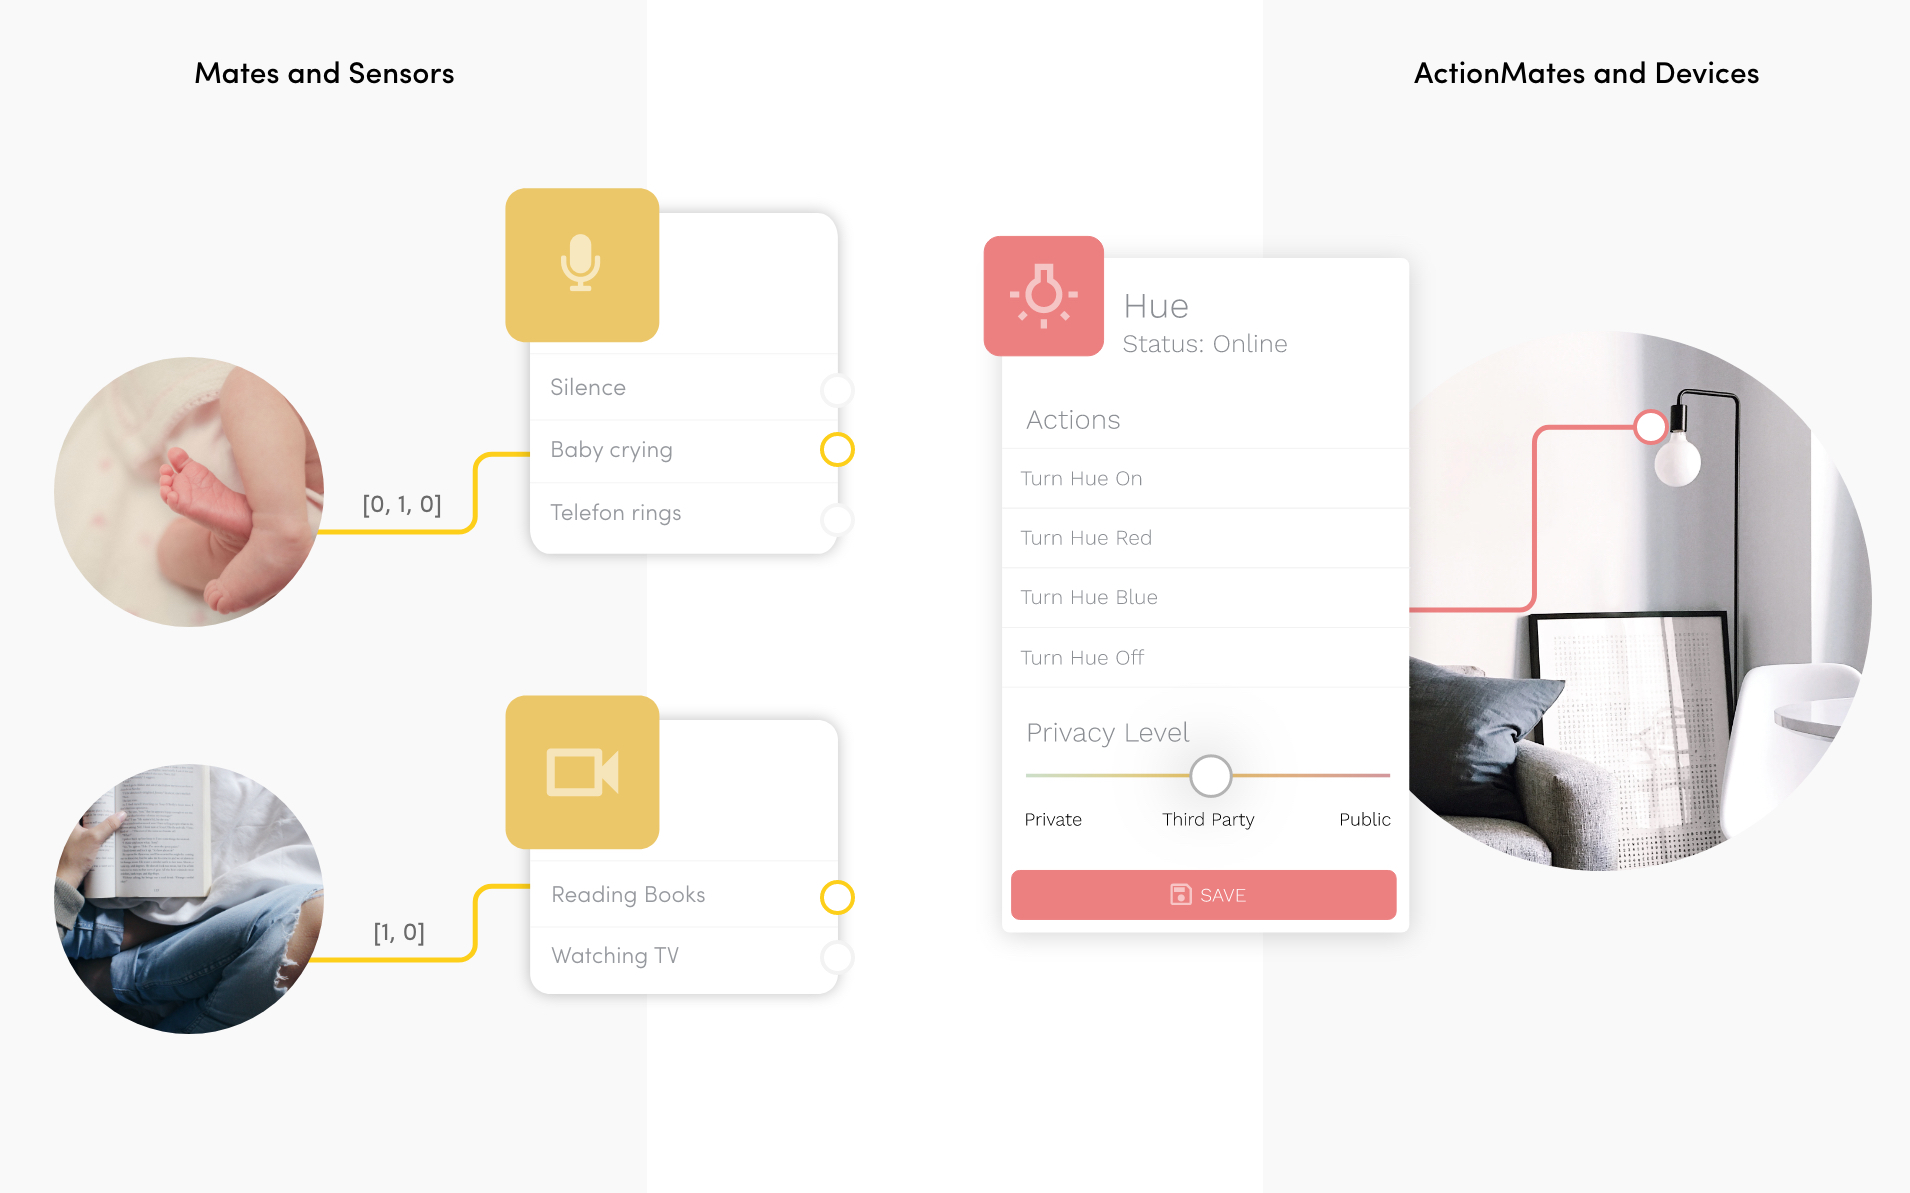 Das System hinter Aiiot wird Beispielhaft gezeigt: Man kann verschiedene Mates auf Situationen im Alltag trainieren (z.B. das Baby schreit) und diese Situationen mit Aktionen von IoT Produkten verbinden.